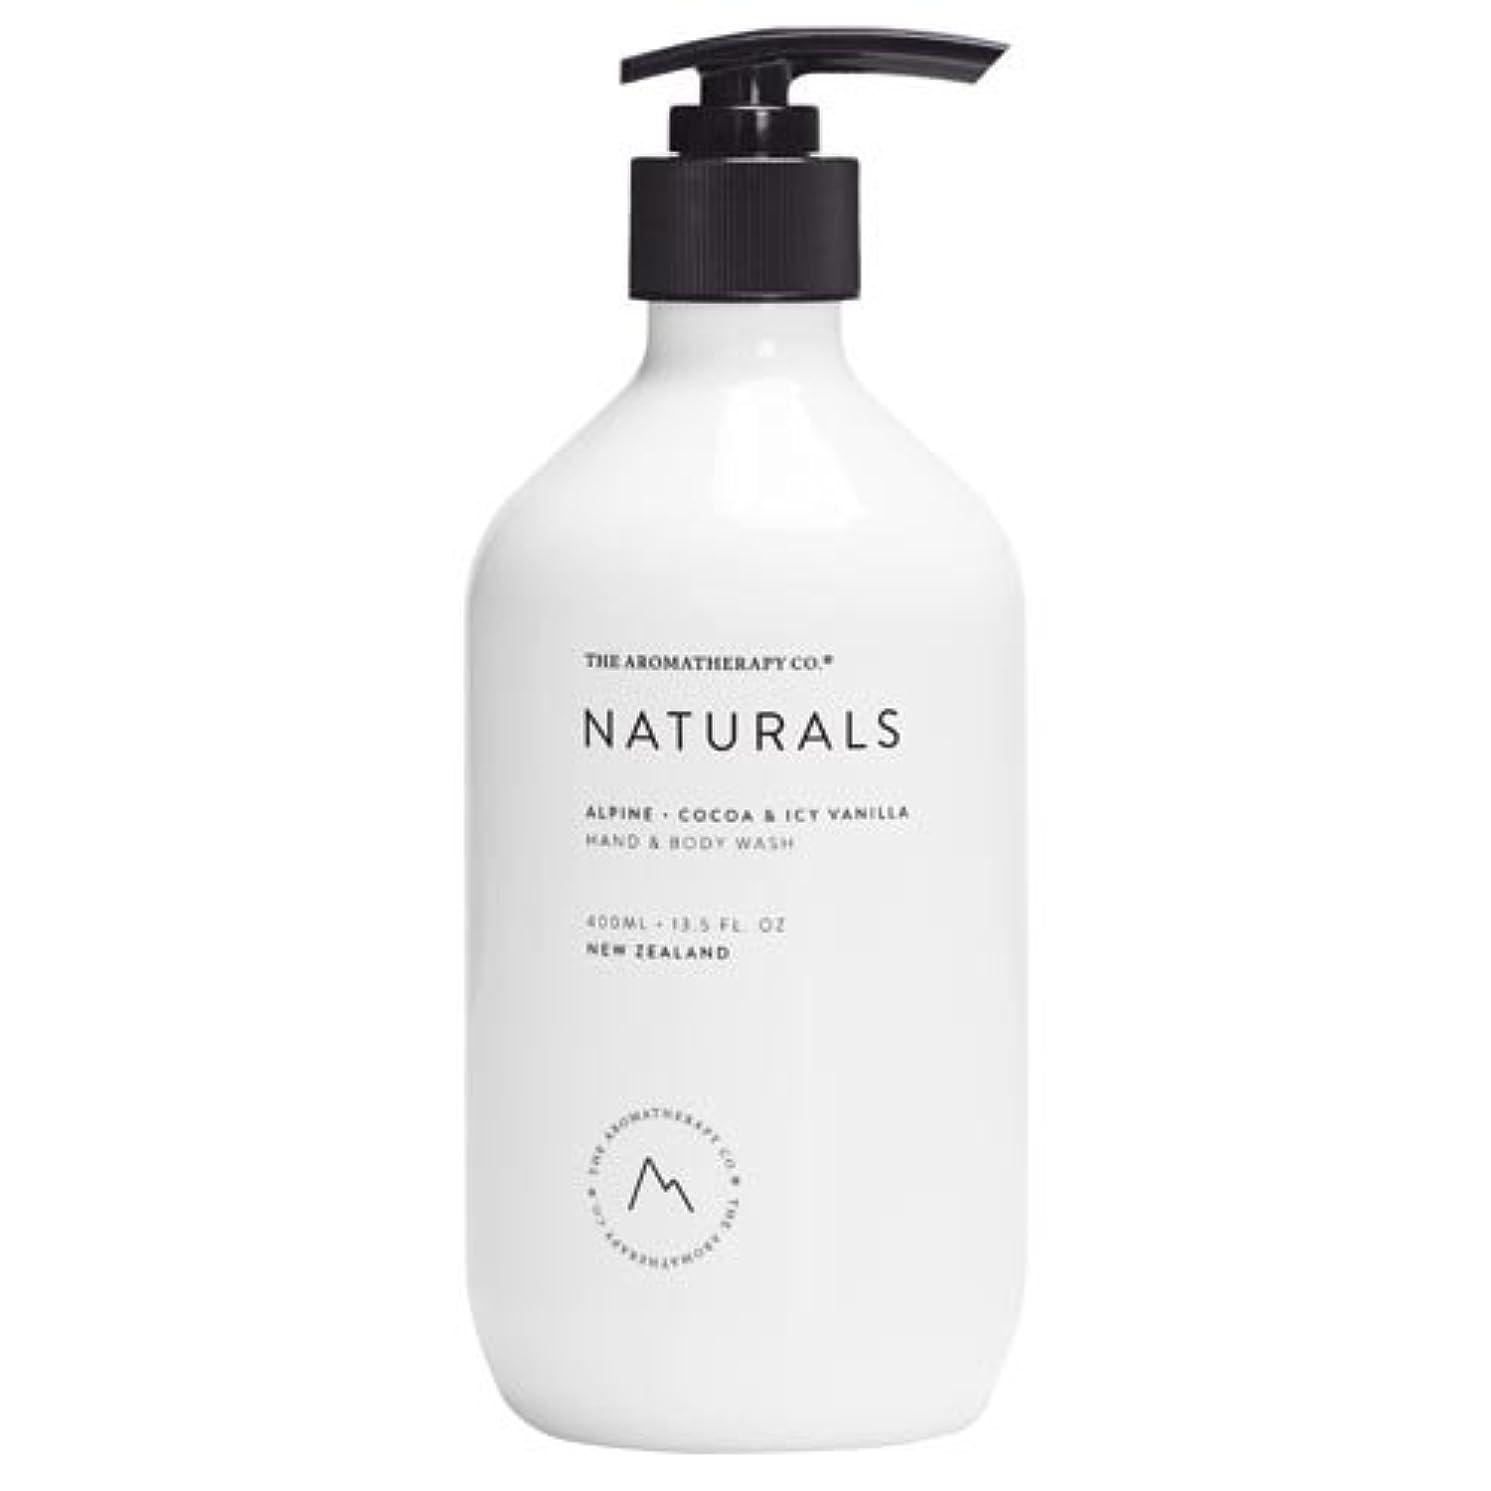 new NATURALS ナチュラルズ ハンド&ボディウォッシュ Alpine アルパイン(山)Cocoa & Icy Vanilla ココア&アイシーバニラ